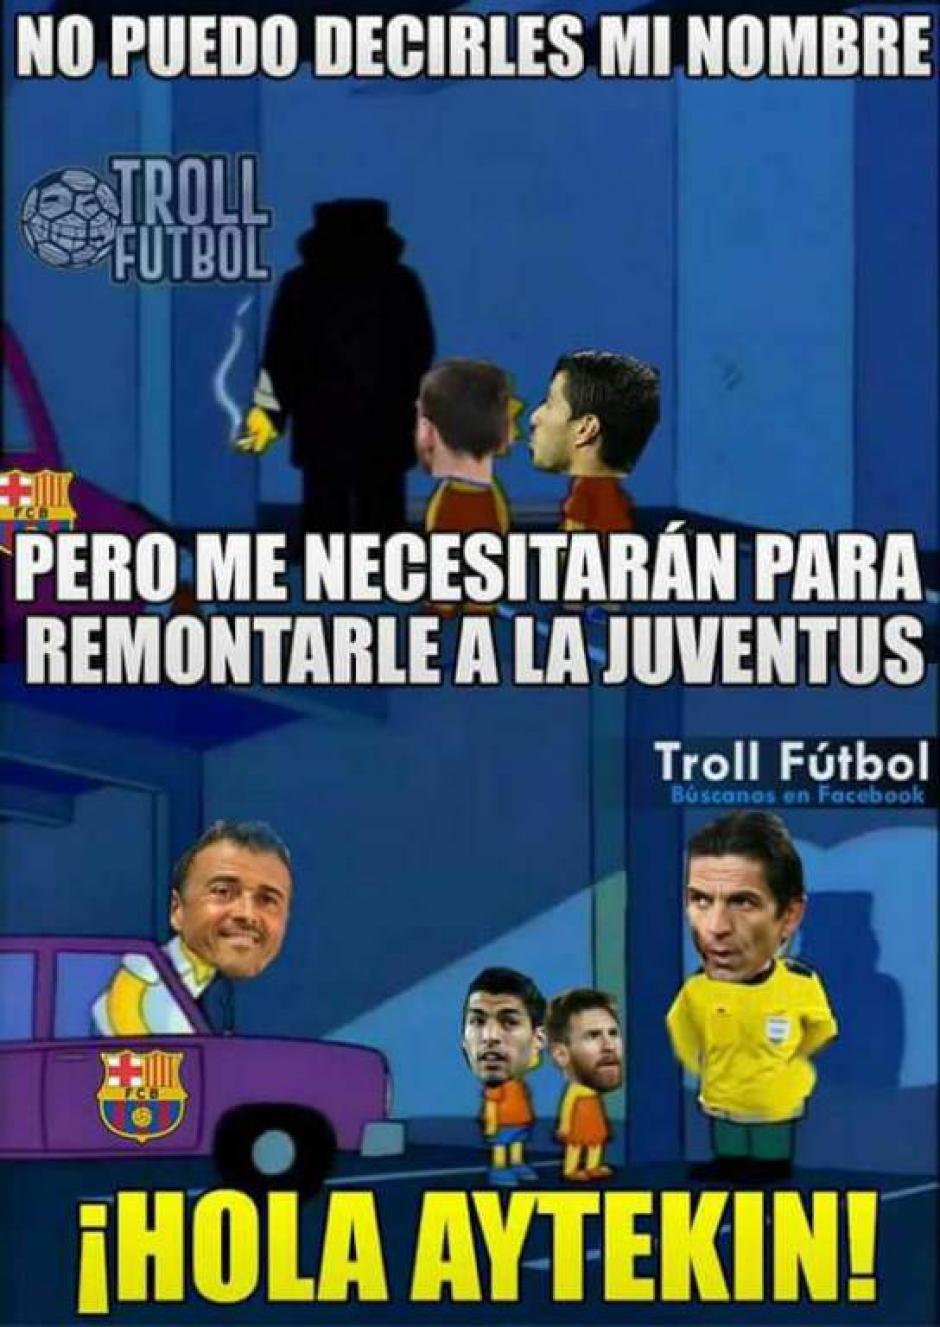 El Barcelona extrañó a este árbitro dicen los memes. (Foto: Twitter)